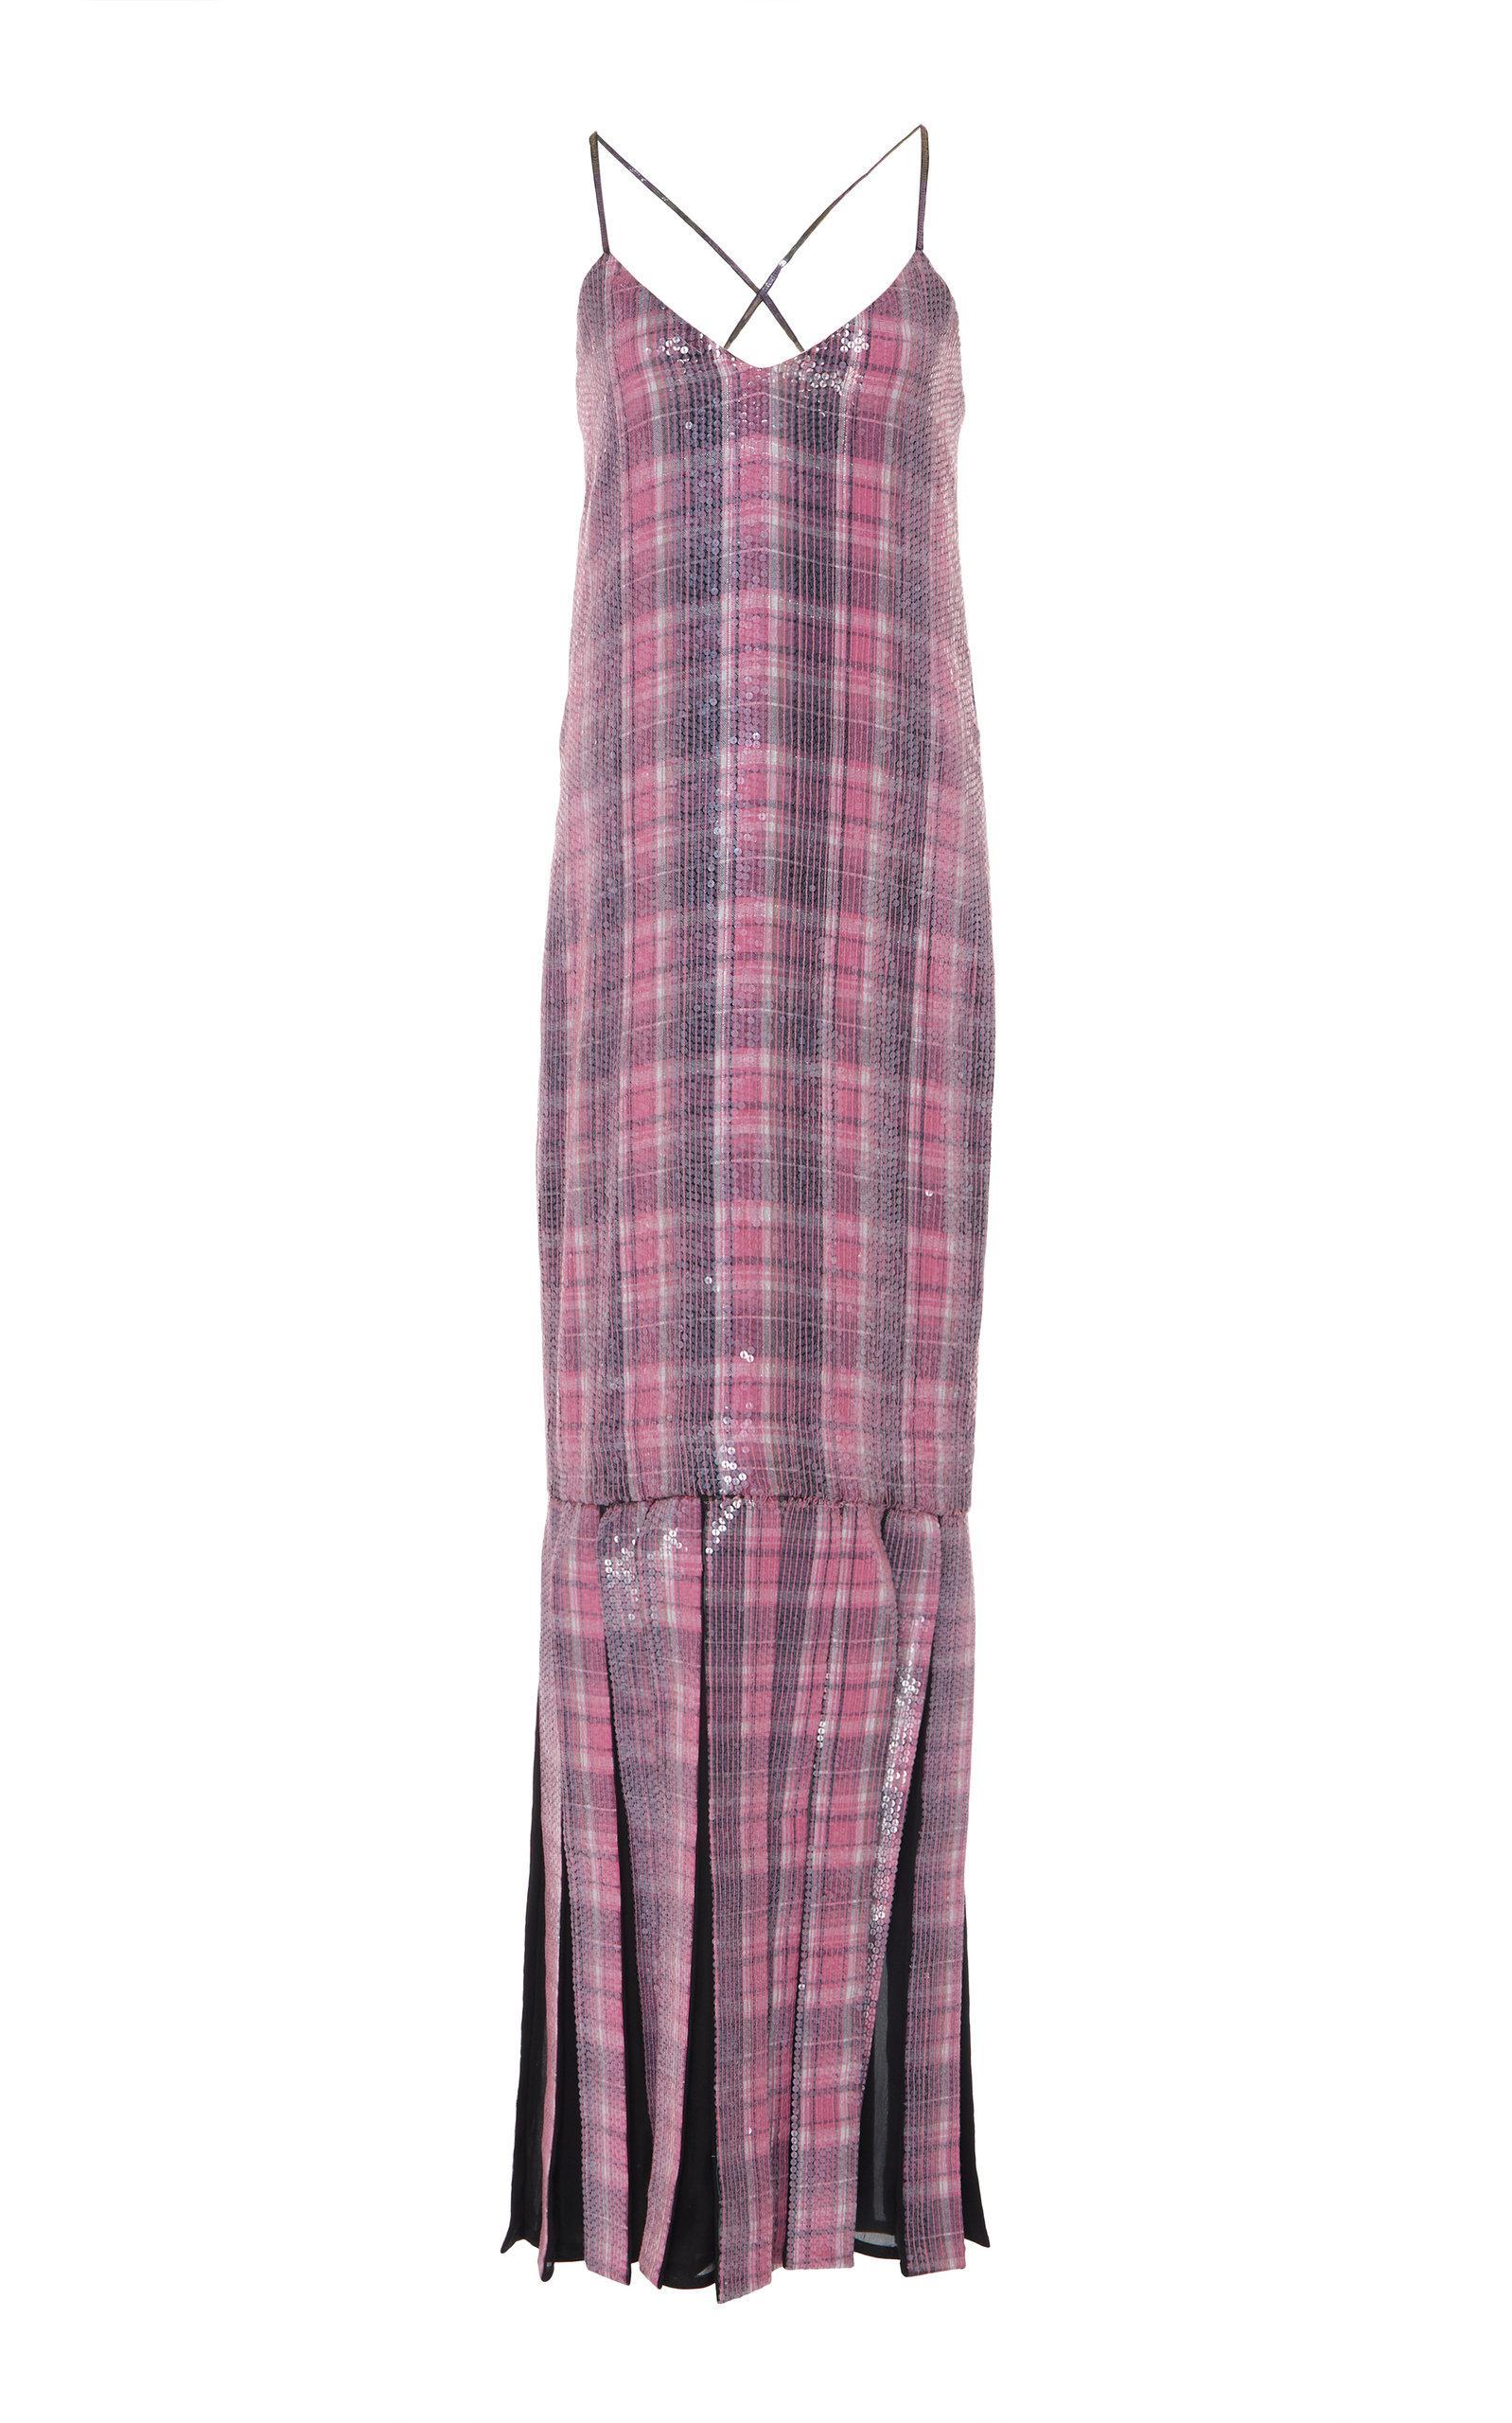 Rahul Mishra Dwelien Fascia Sequin Dress In Plaid